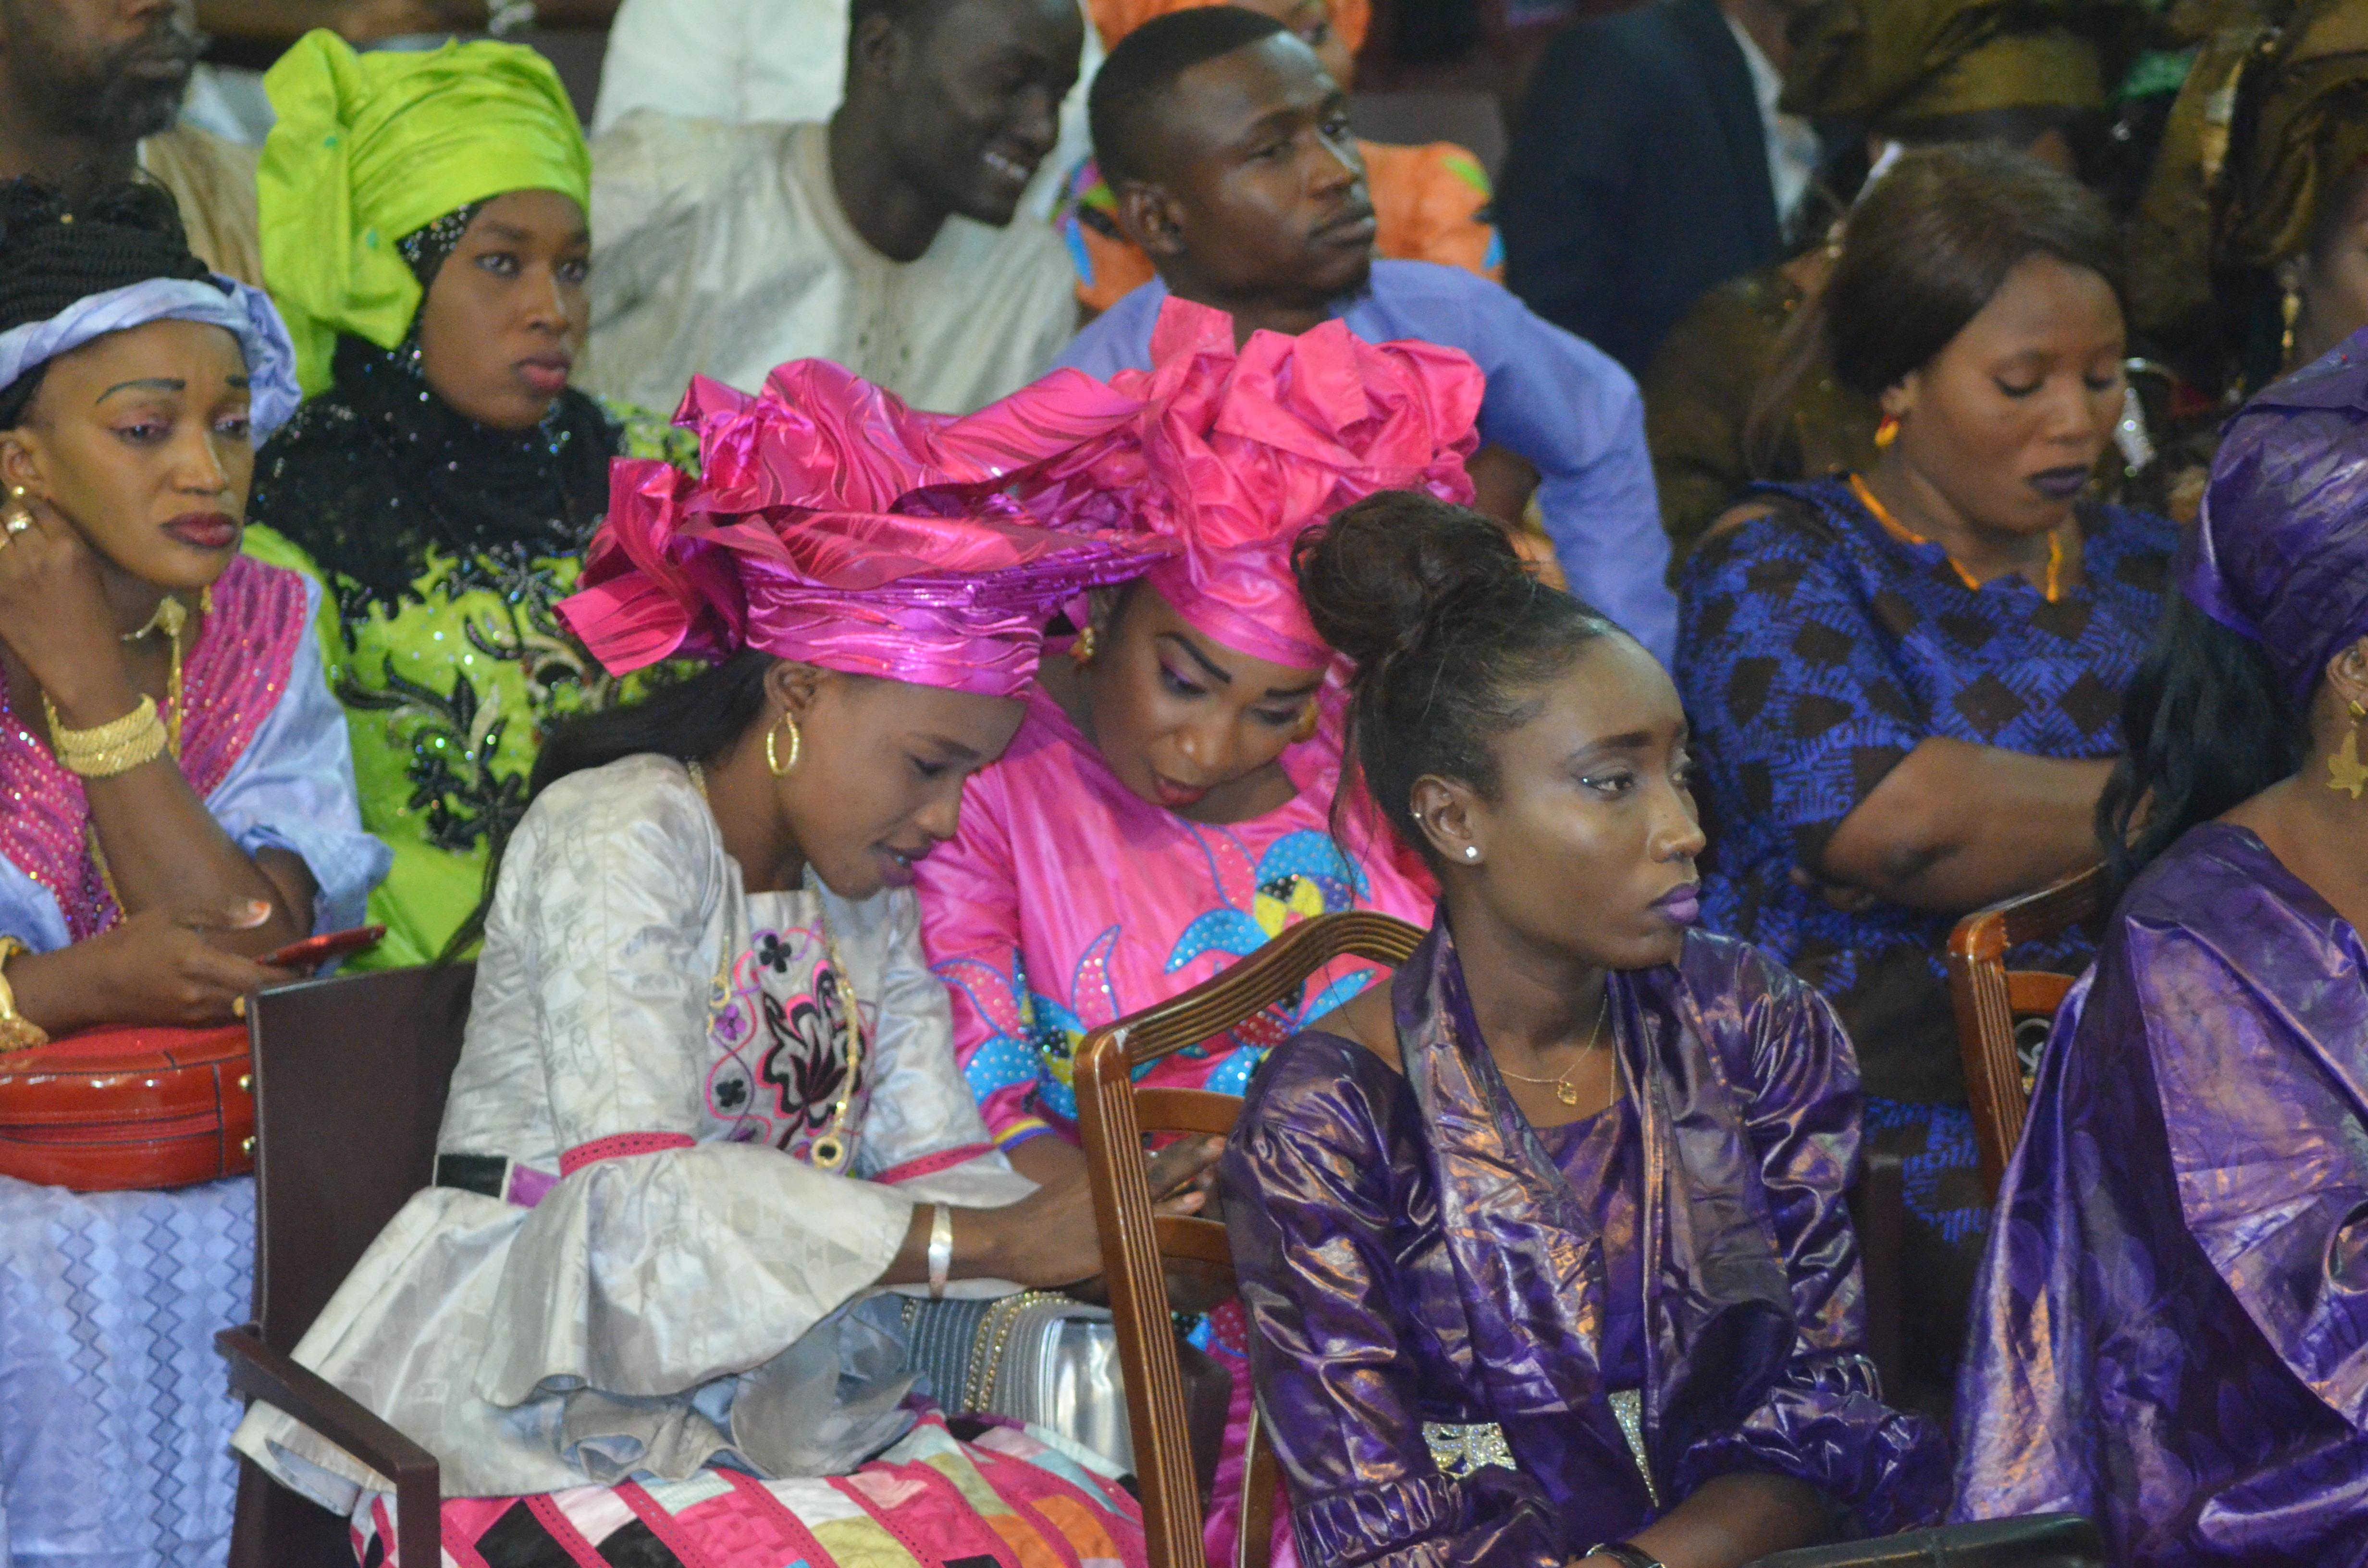 Première Edition soirée culturelle de l'Association Boyinadji Ma fierté de Bokidiawé, le parrain Bocar Abdoulaye Ly appelle à l'union des cœurs (58)